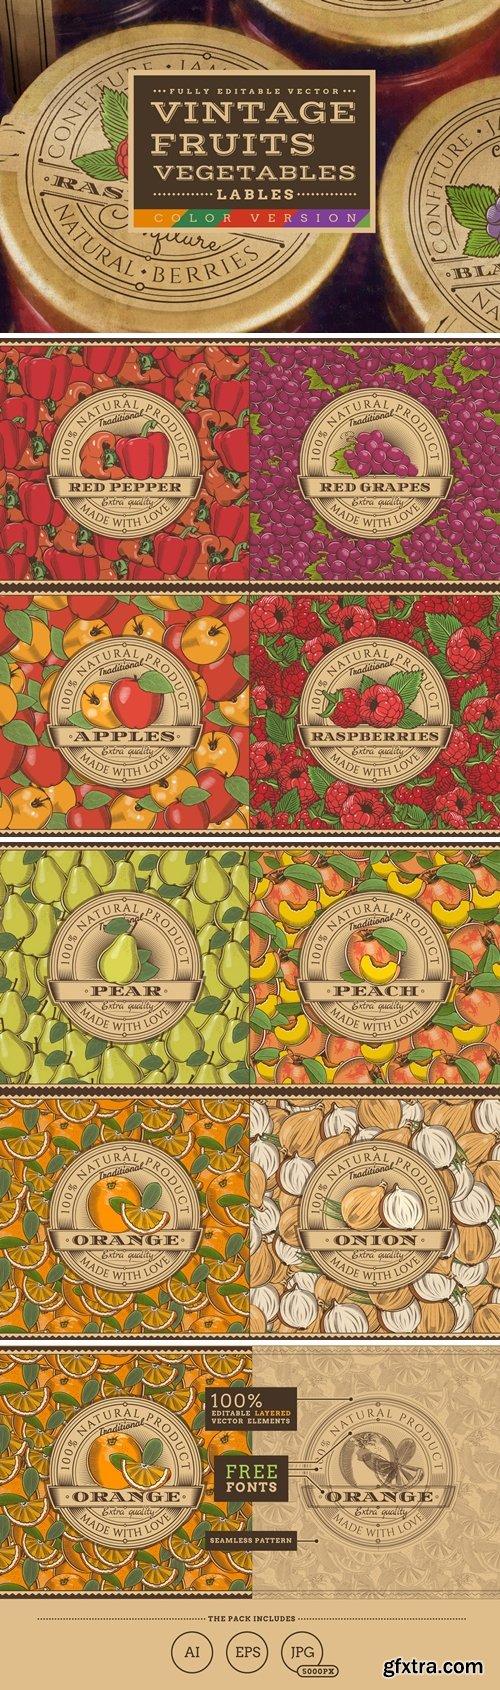 Vintage Fruits & Vegetables Labels